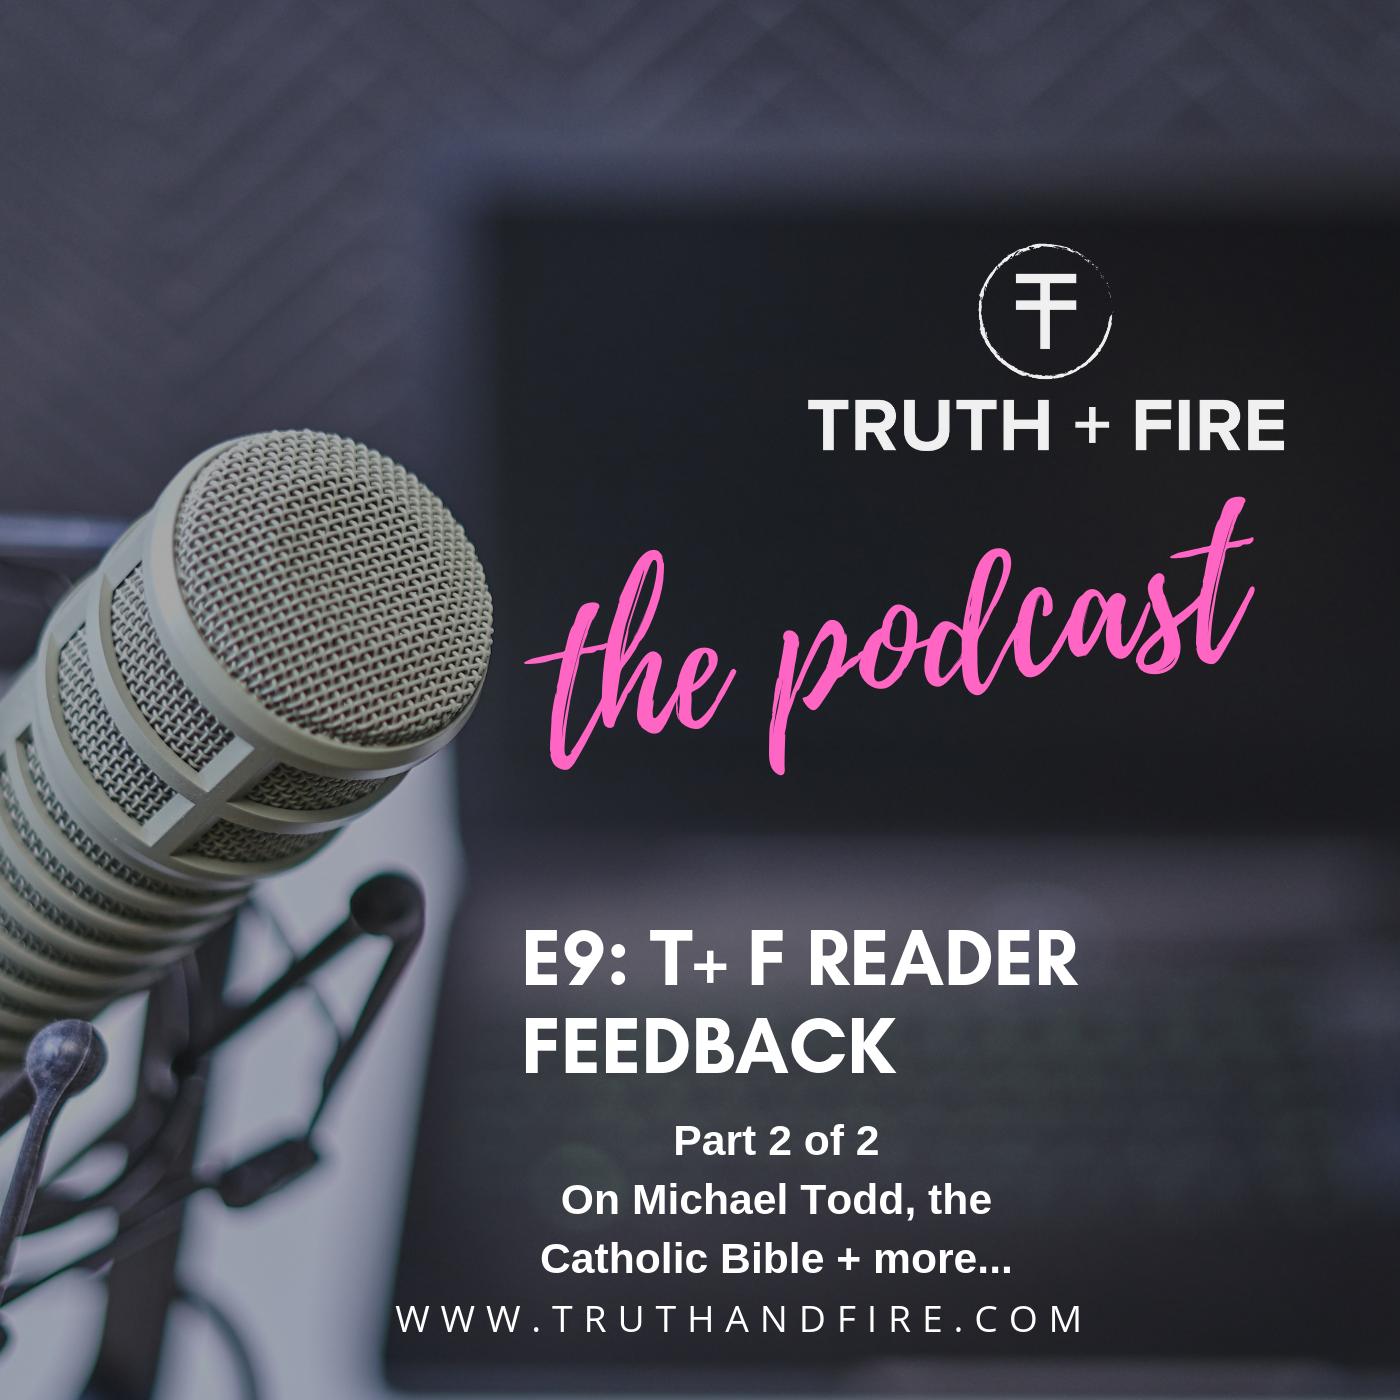 E9: T + F Reader Feedback (Part 2)